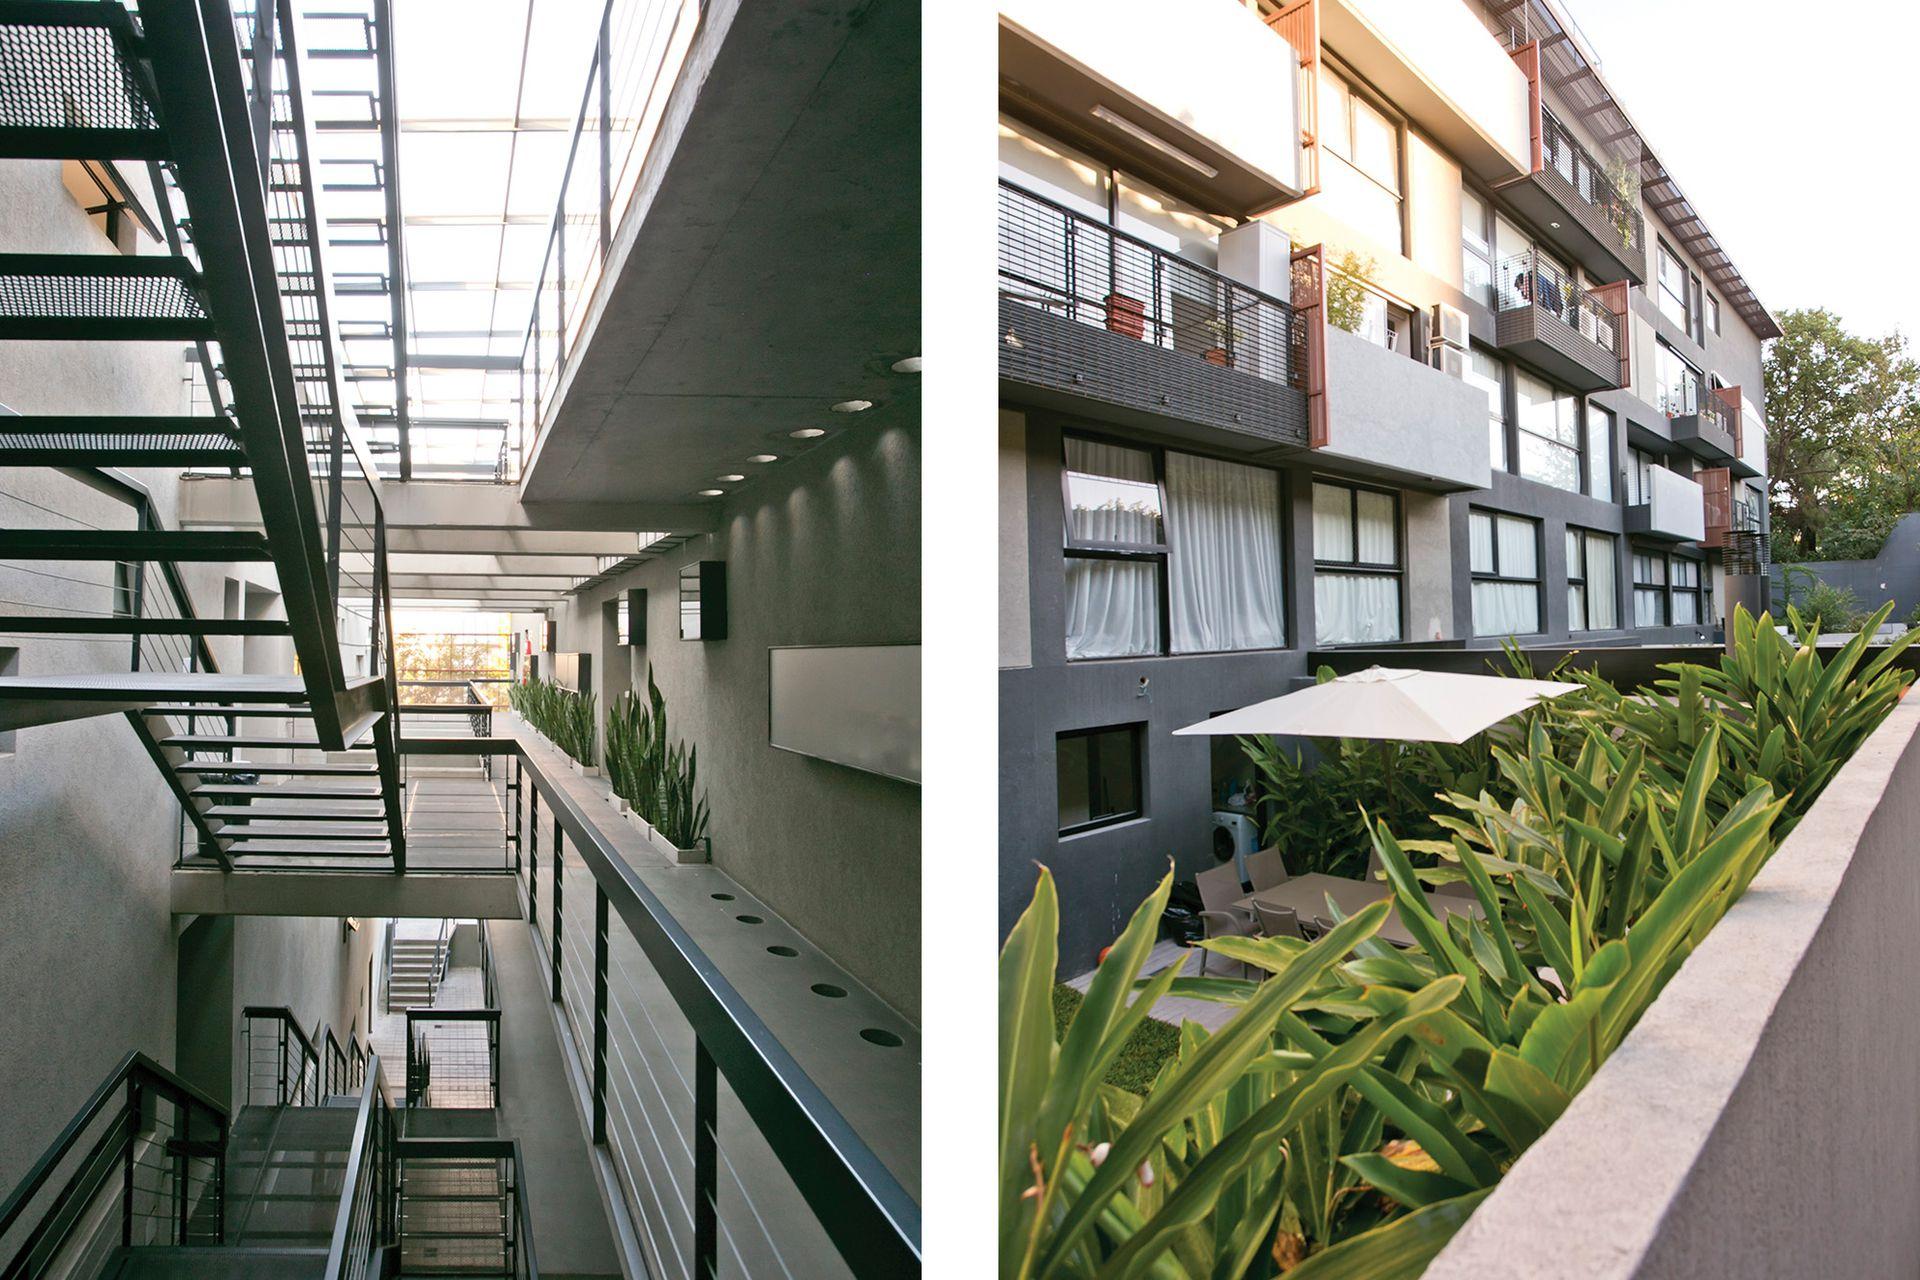 La entrada a cada departamento se da a través un patio angosto que comunica con el exterior.